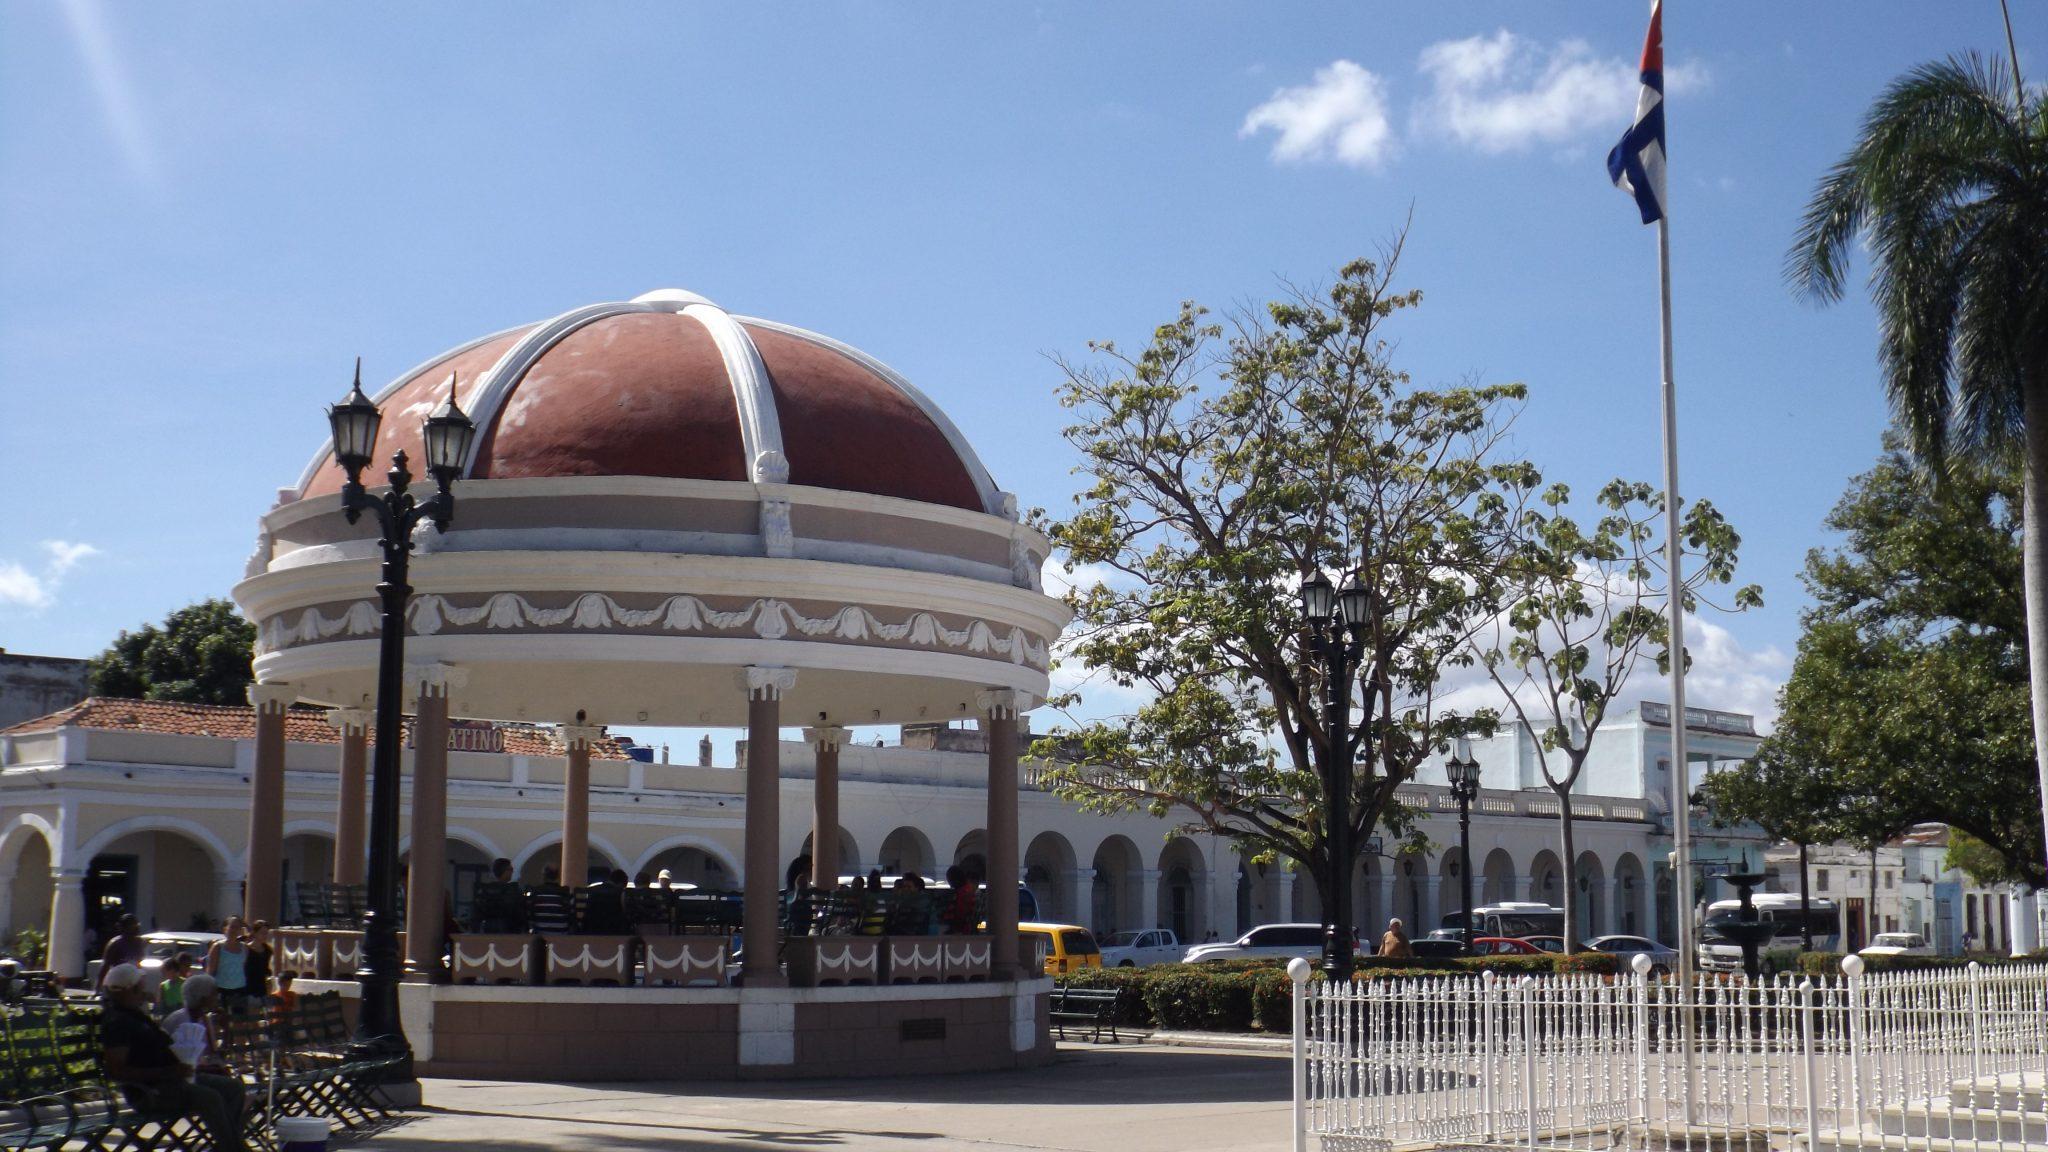 Img post Plaza José Martí. Qué ver en Cienfuegos - Pasaporte y Millas